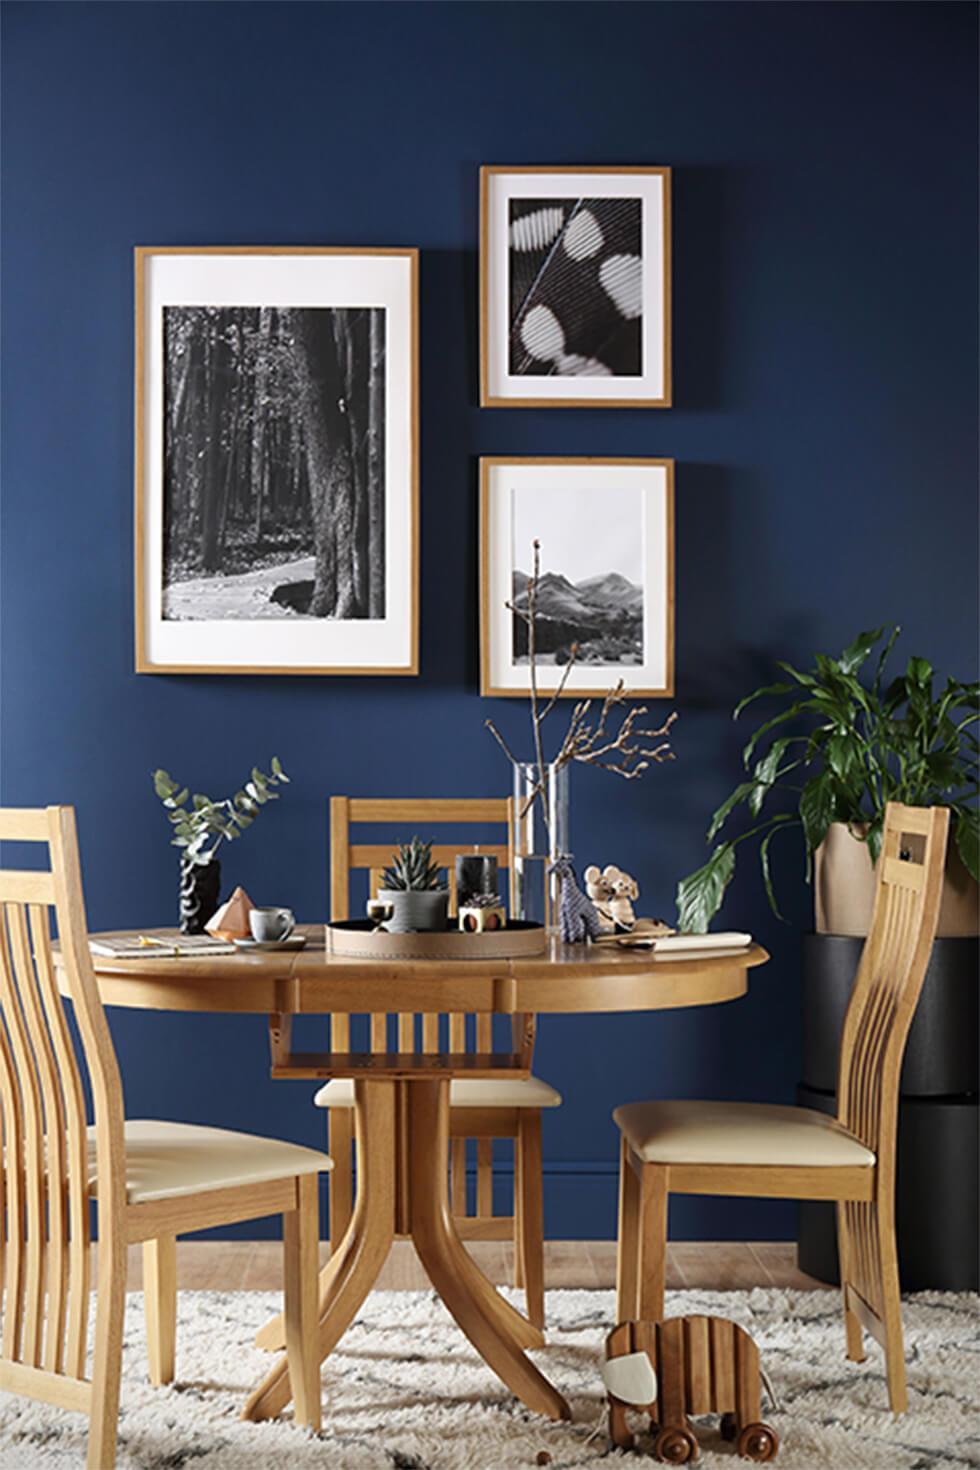 Oak dining set in dark blue dining room